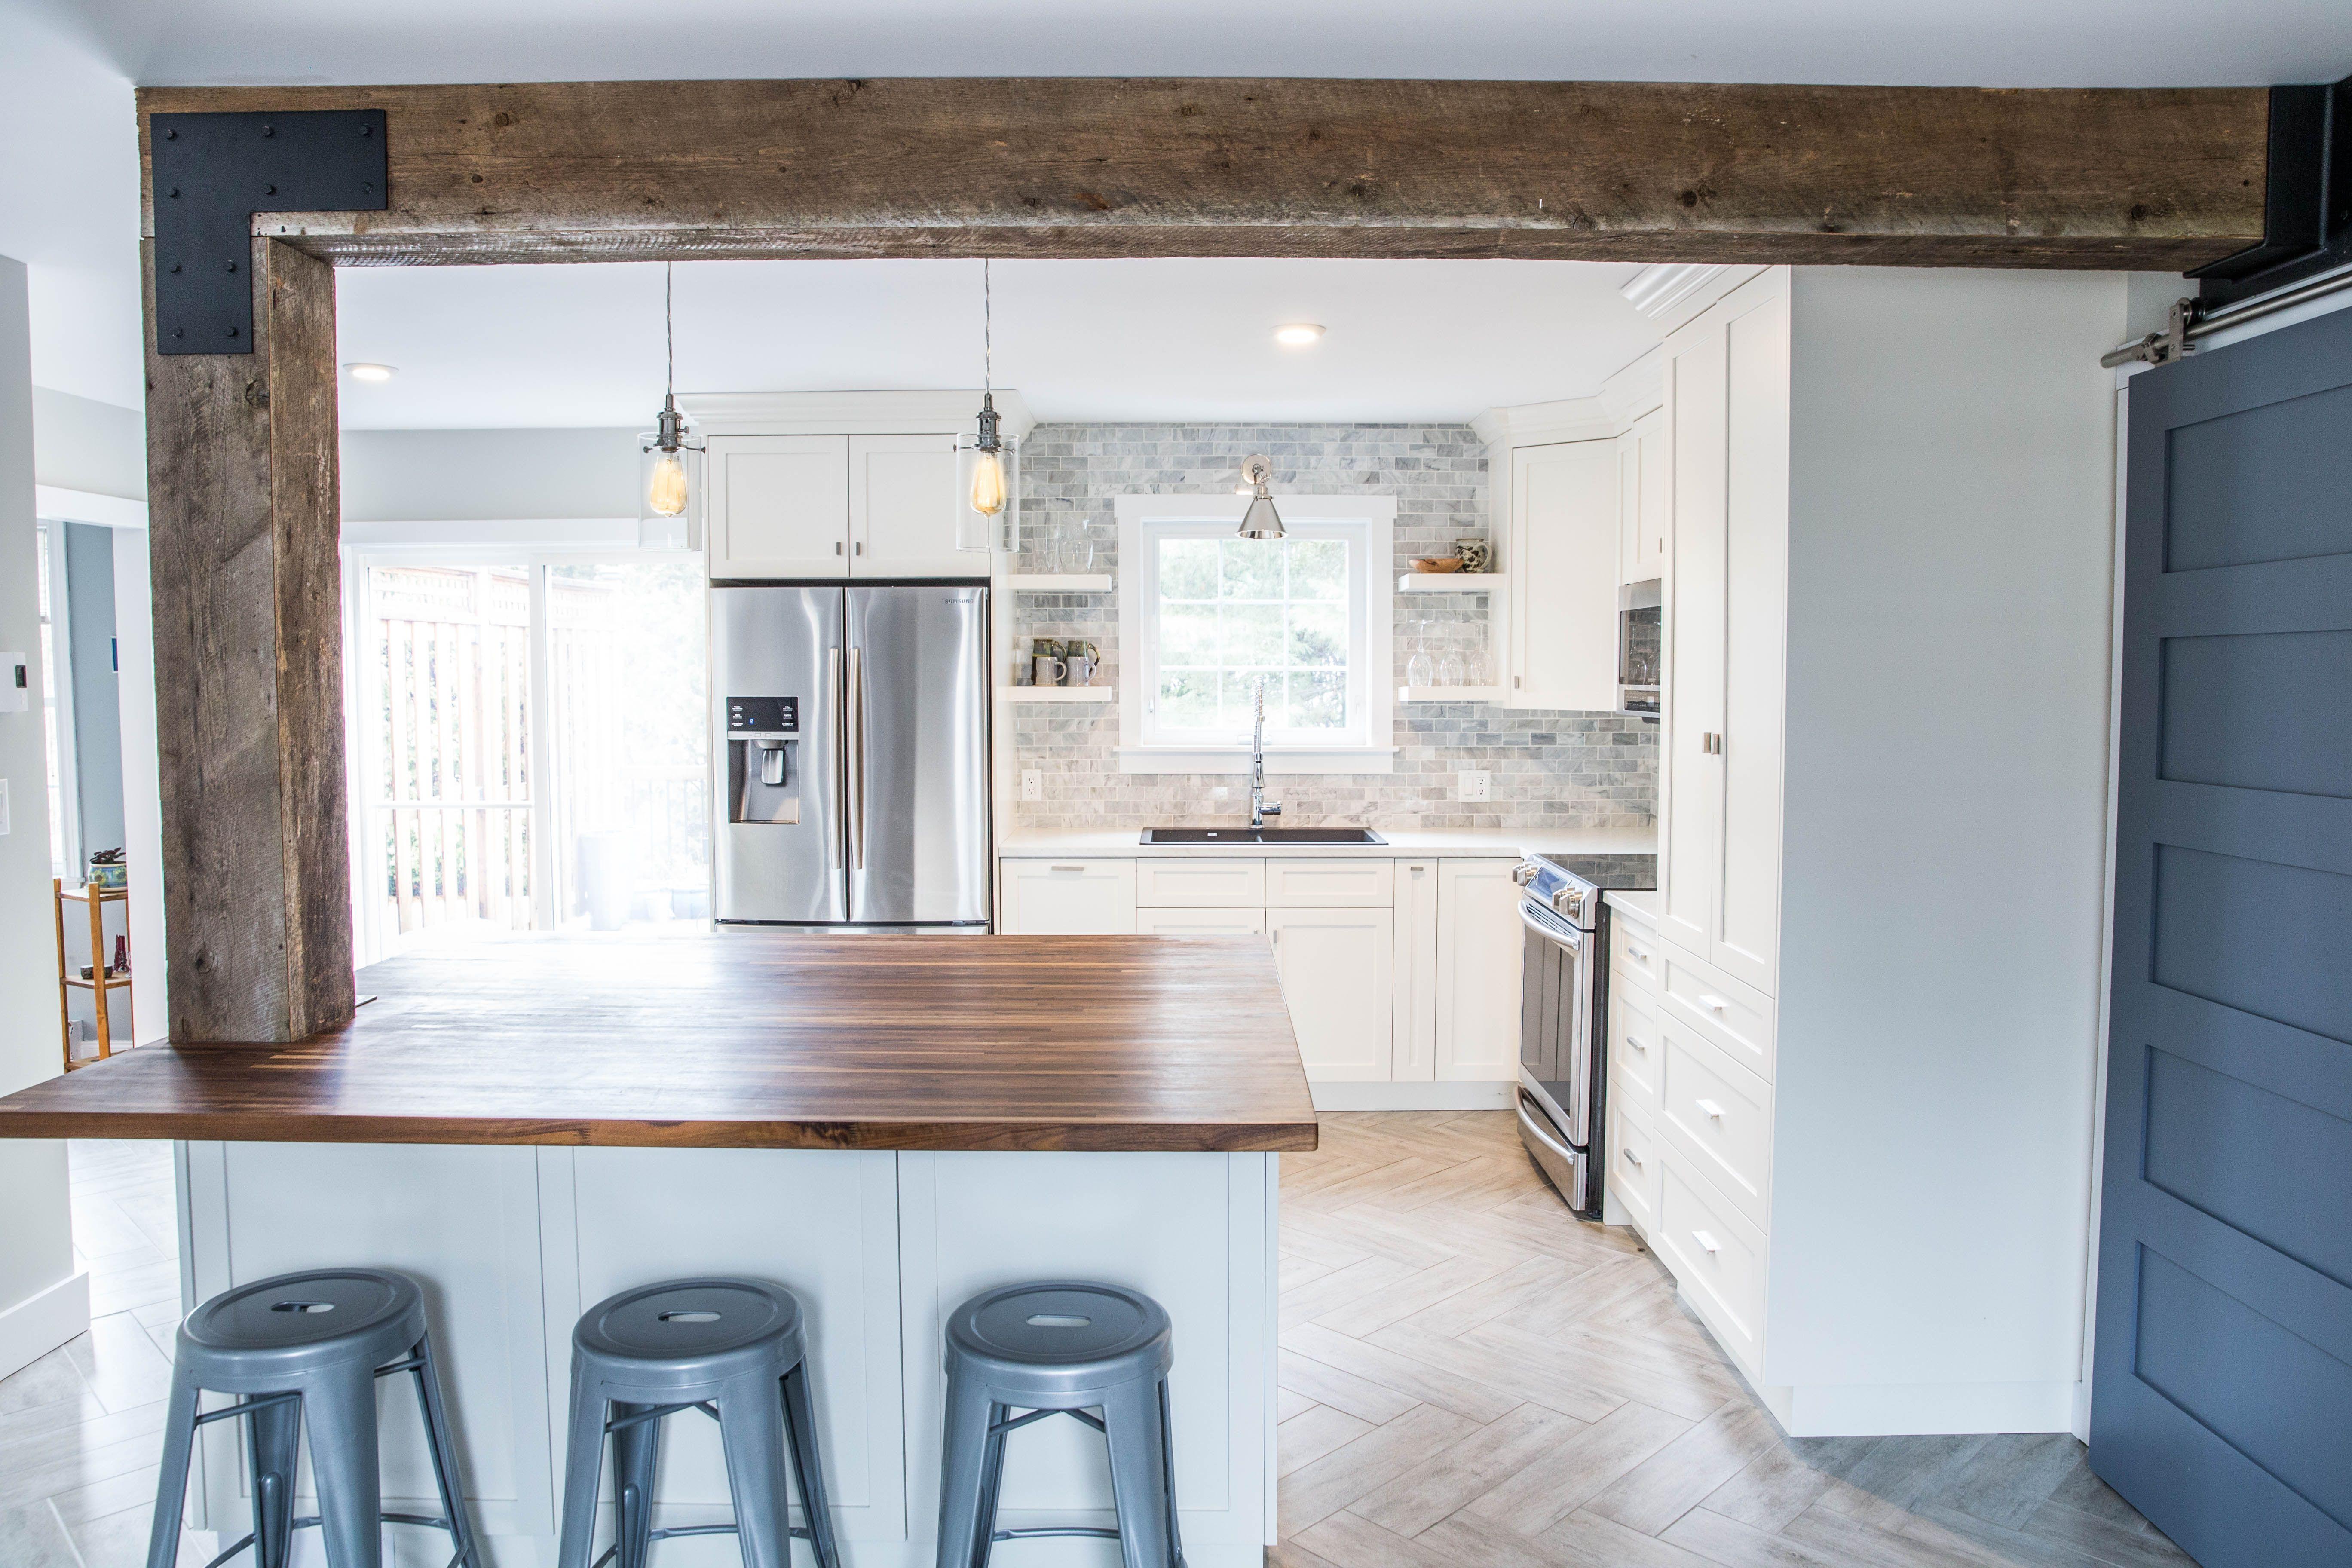 birmingham kitchen remodel | reimagine designs portfolio | pinterest